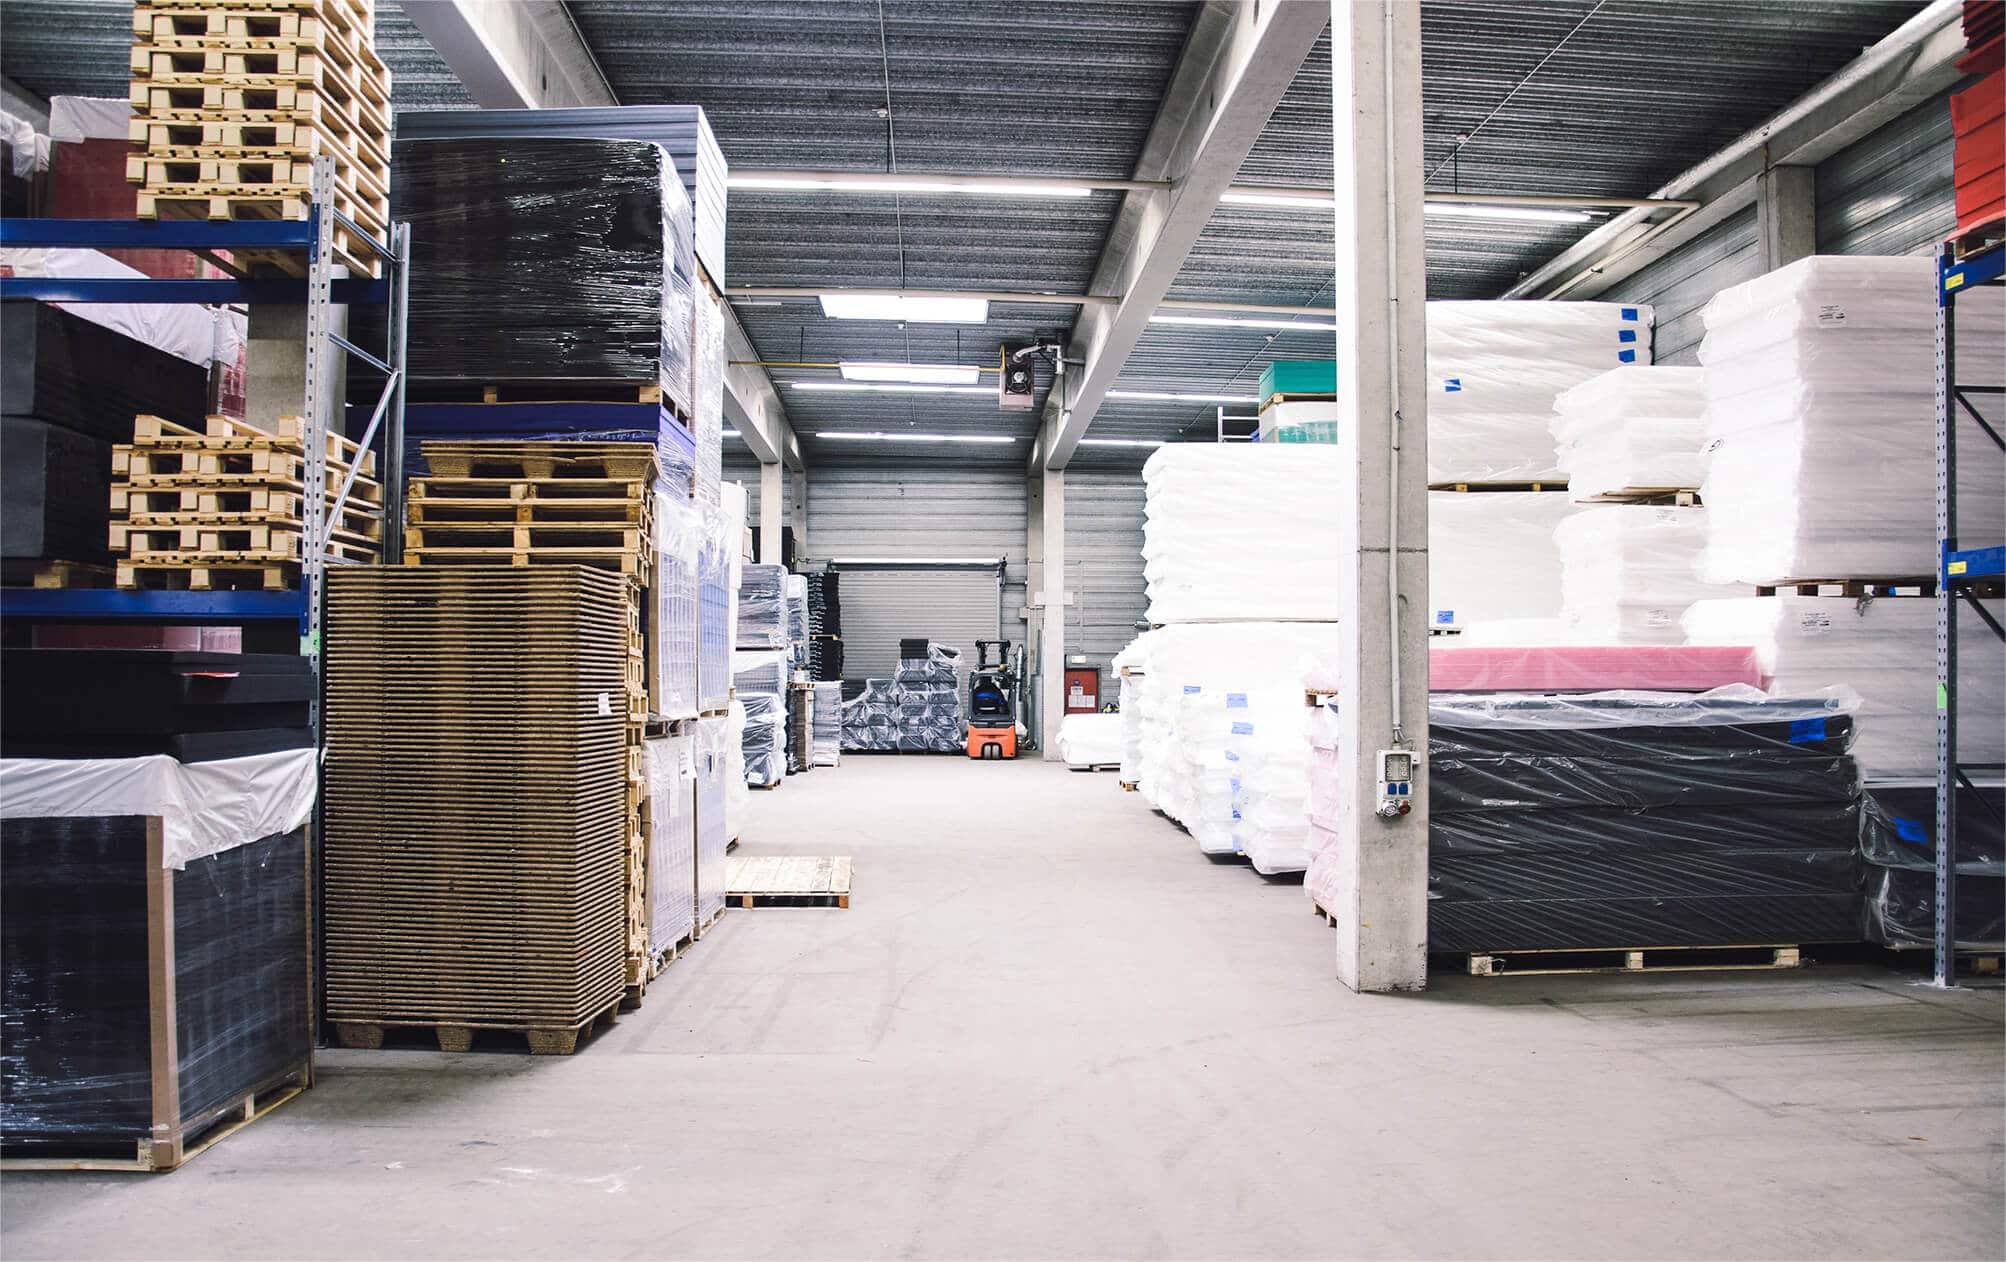 360vier_referenz_wetropa_05-2x Wetropa Kunststoffverarbeitung GmbH & Co. KG